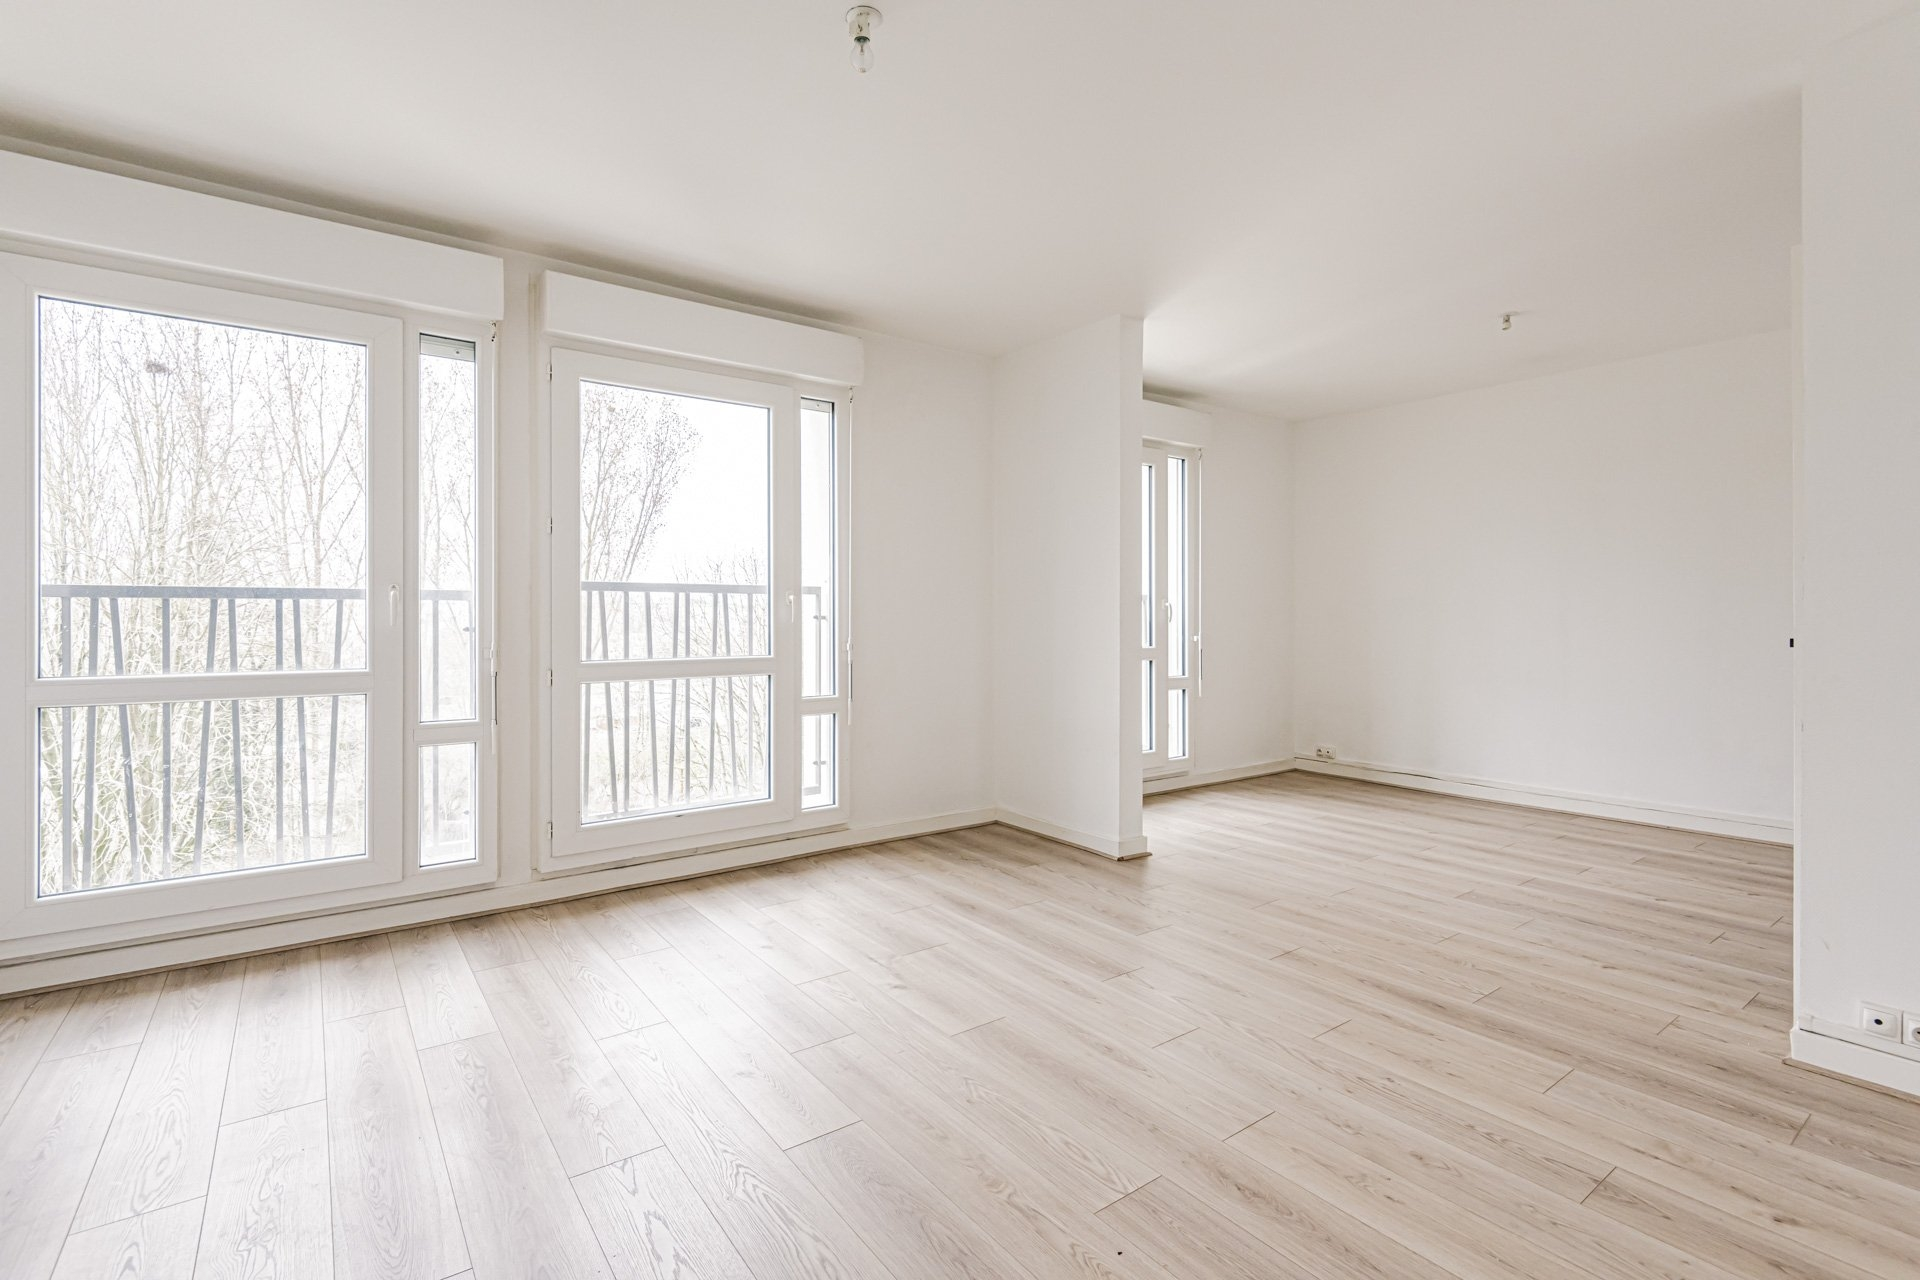 Appartement Reims 4 Pièces 69.2 m2 - 1